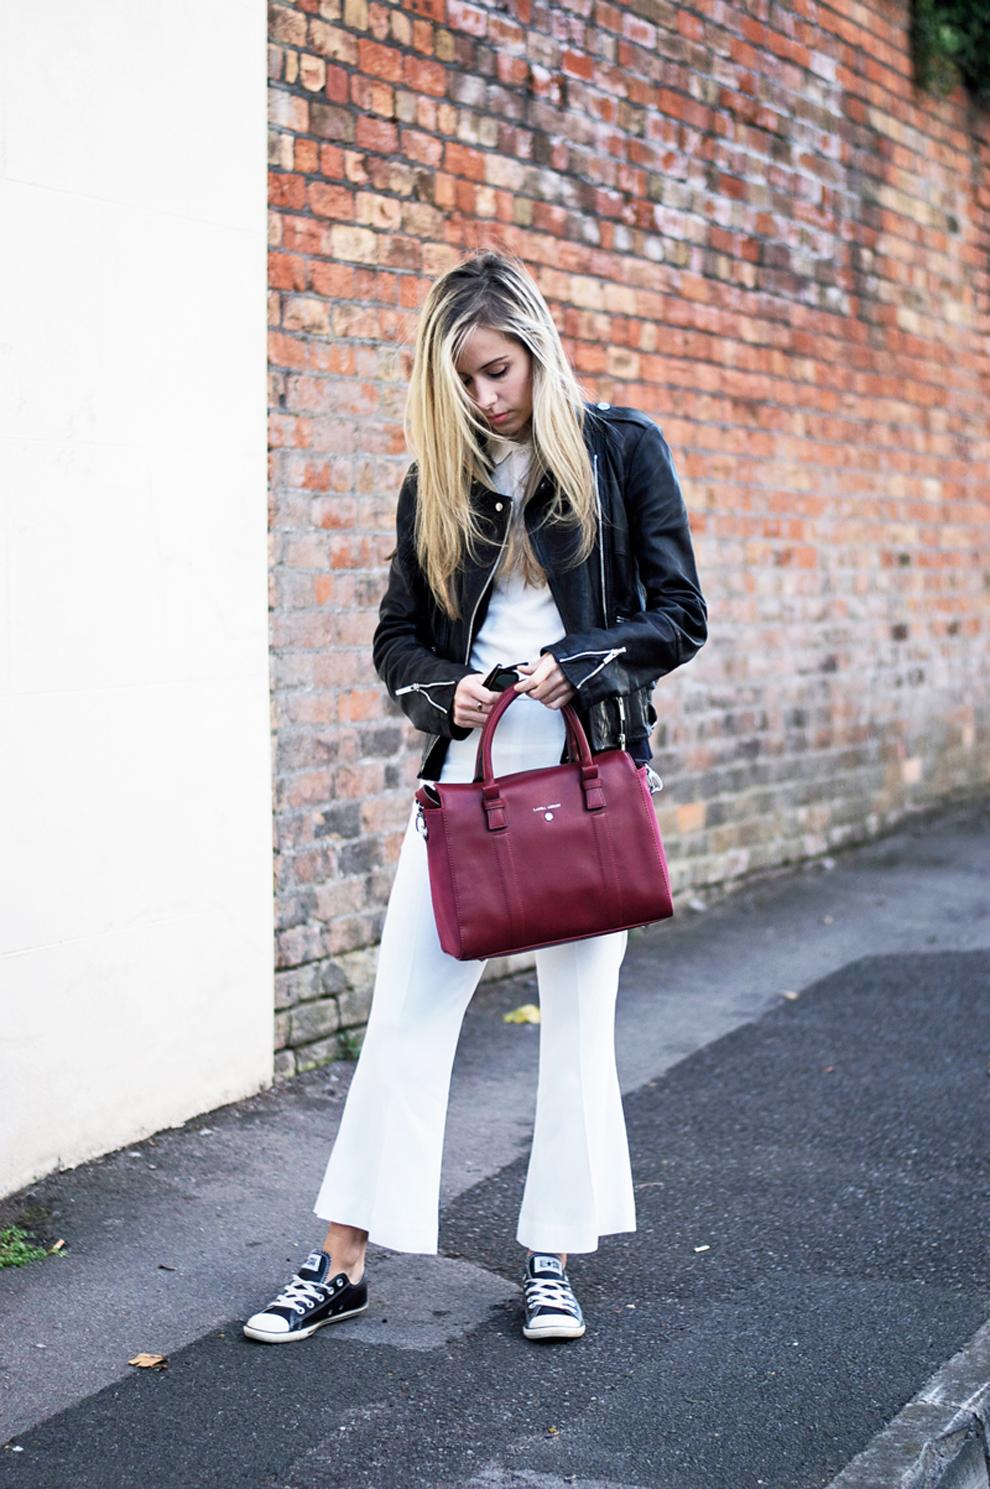 Laura Ashley bags with Daniella